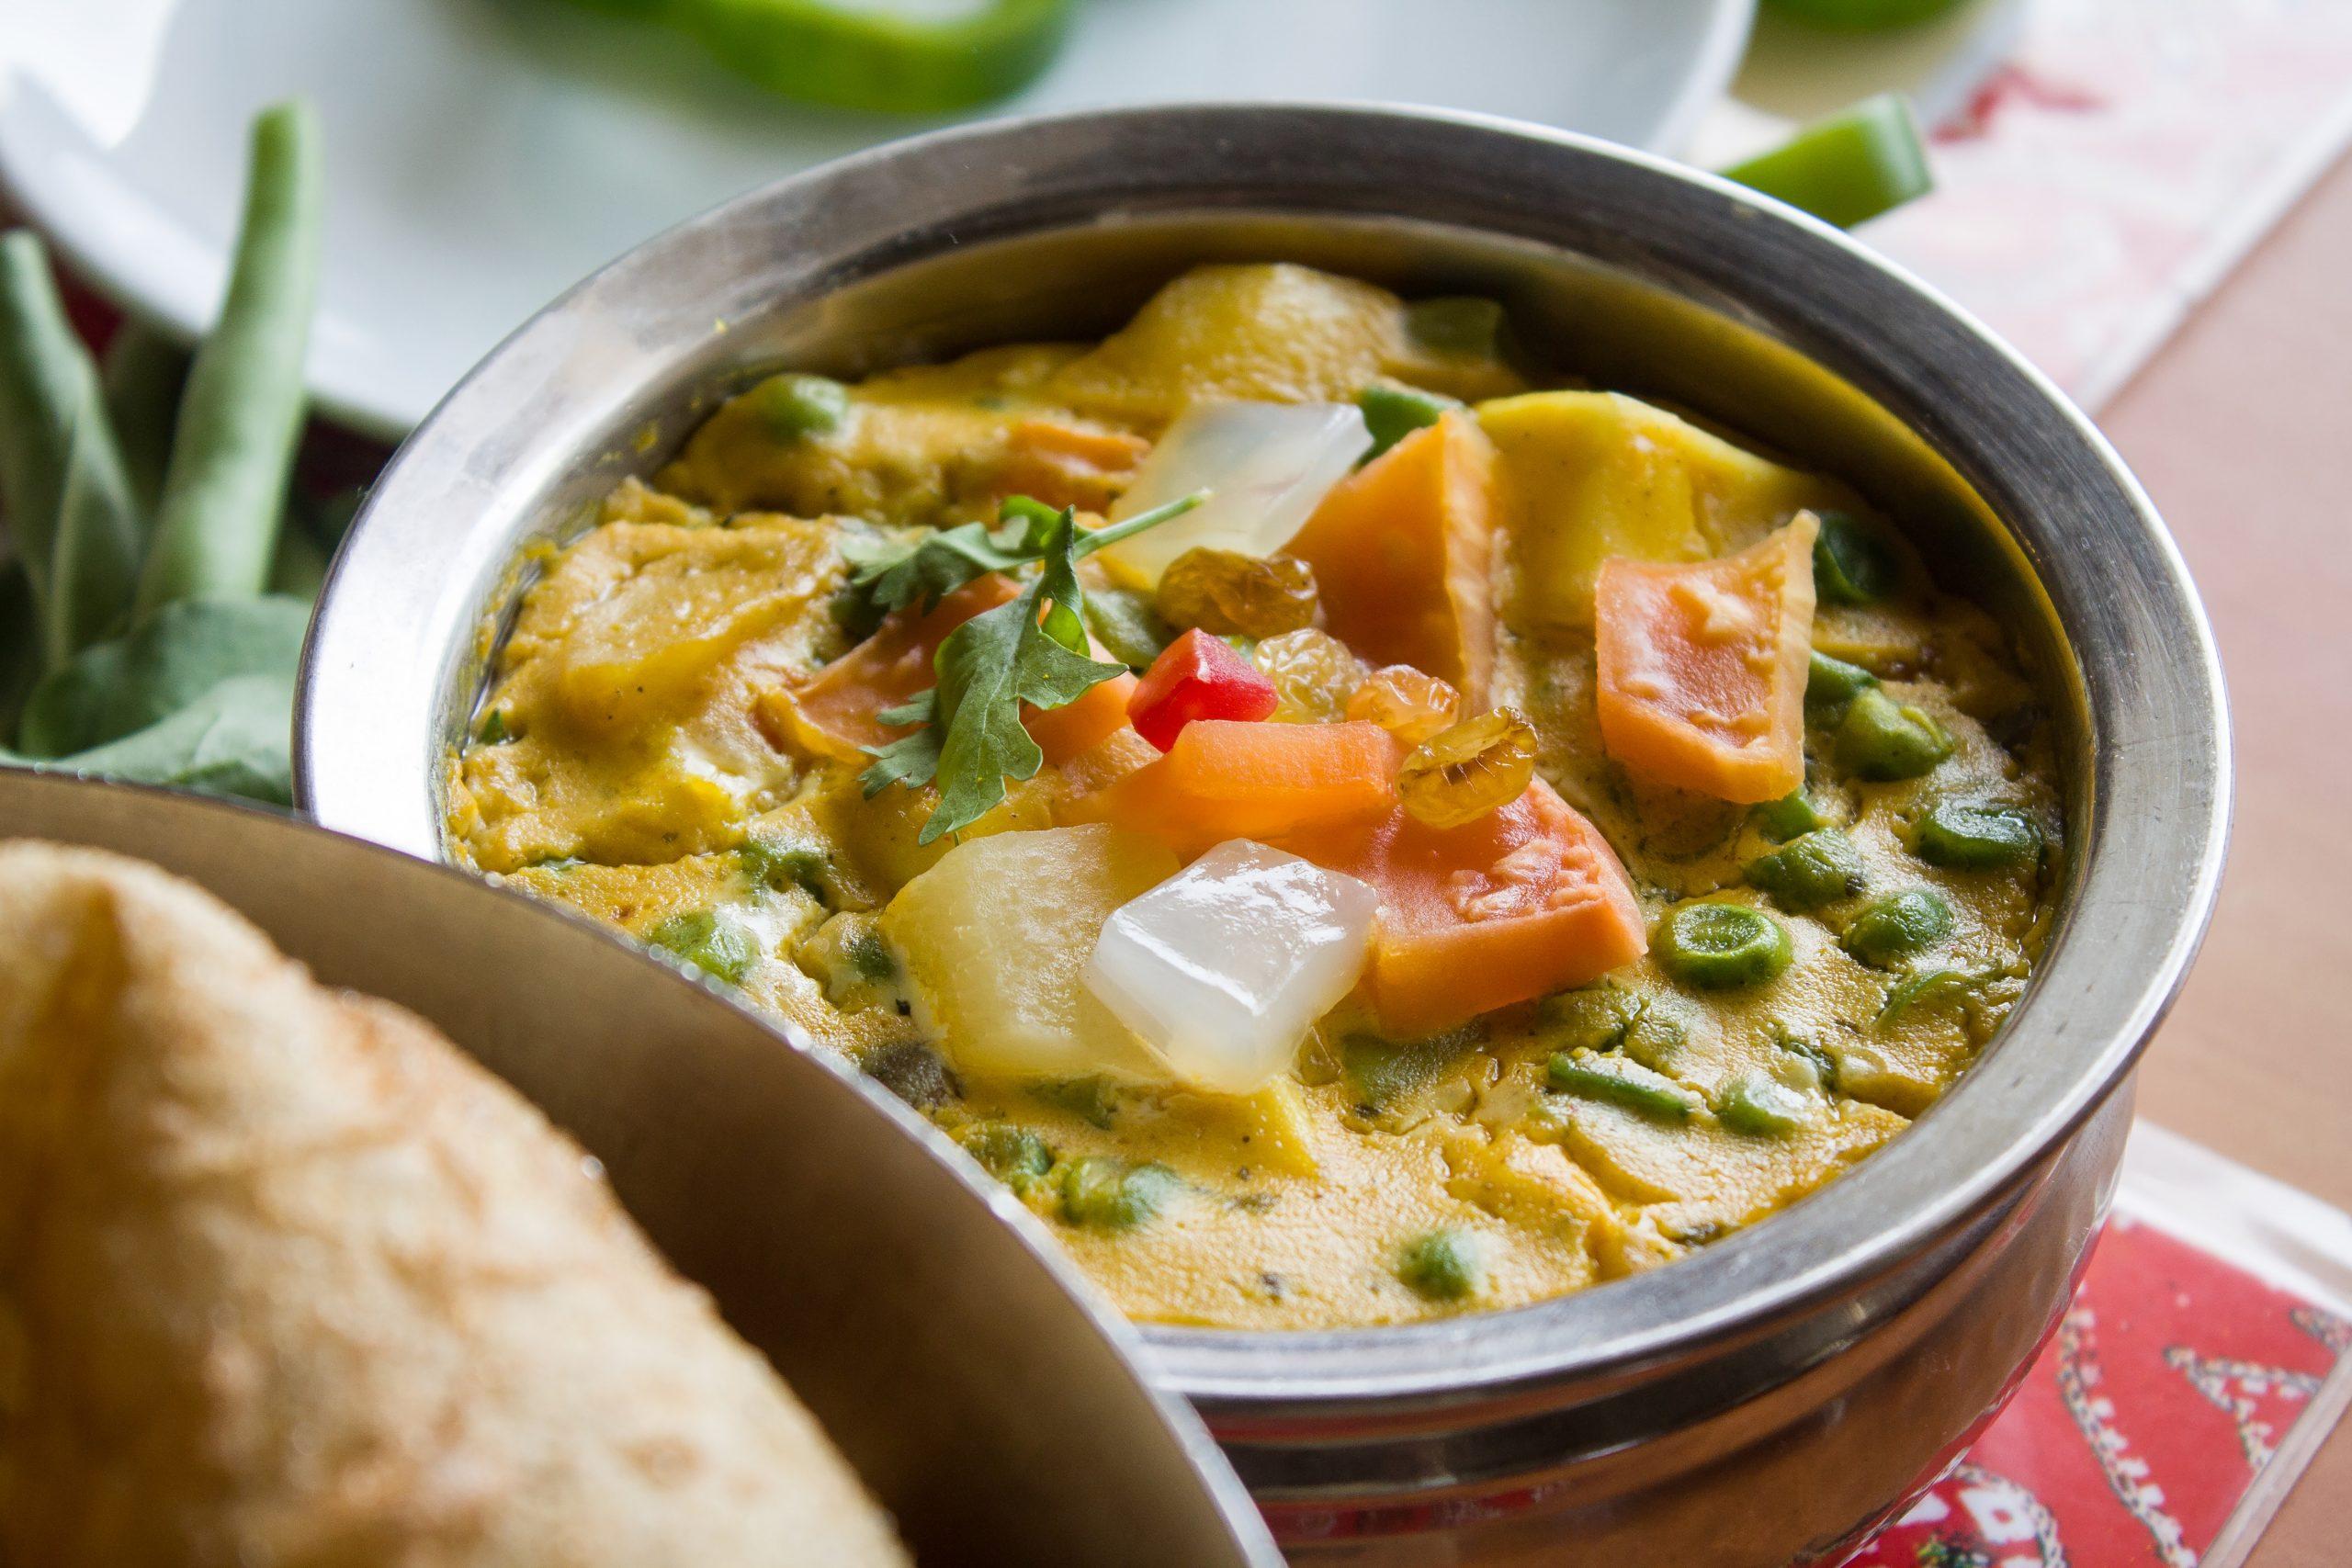 Glutenfreie Currys in Thailand